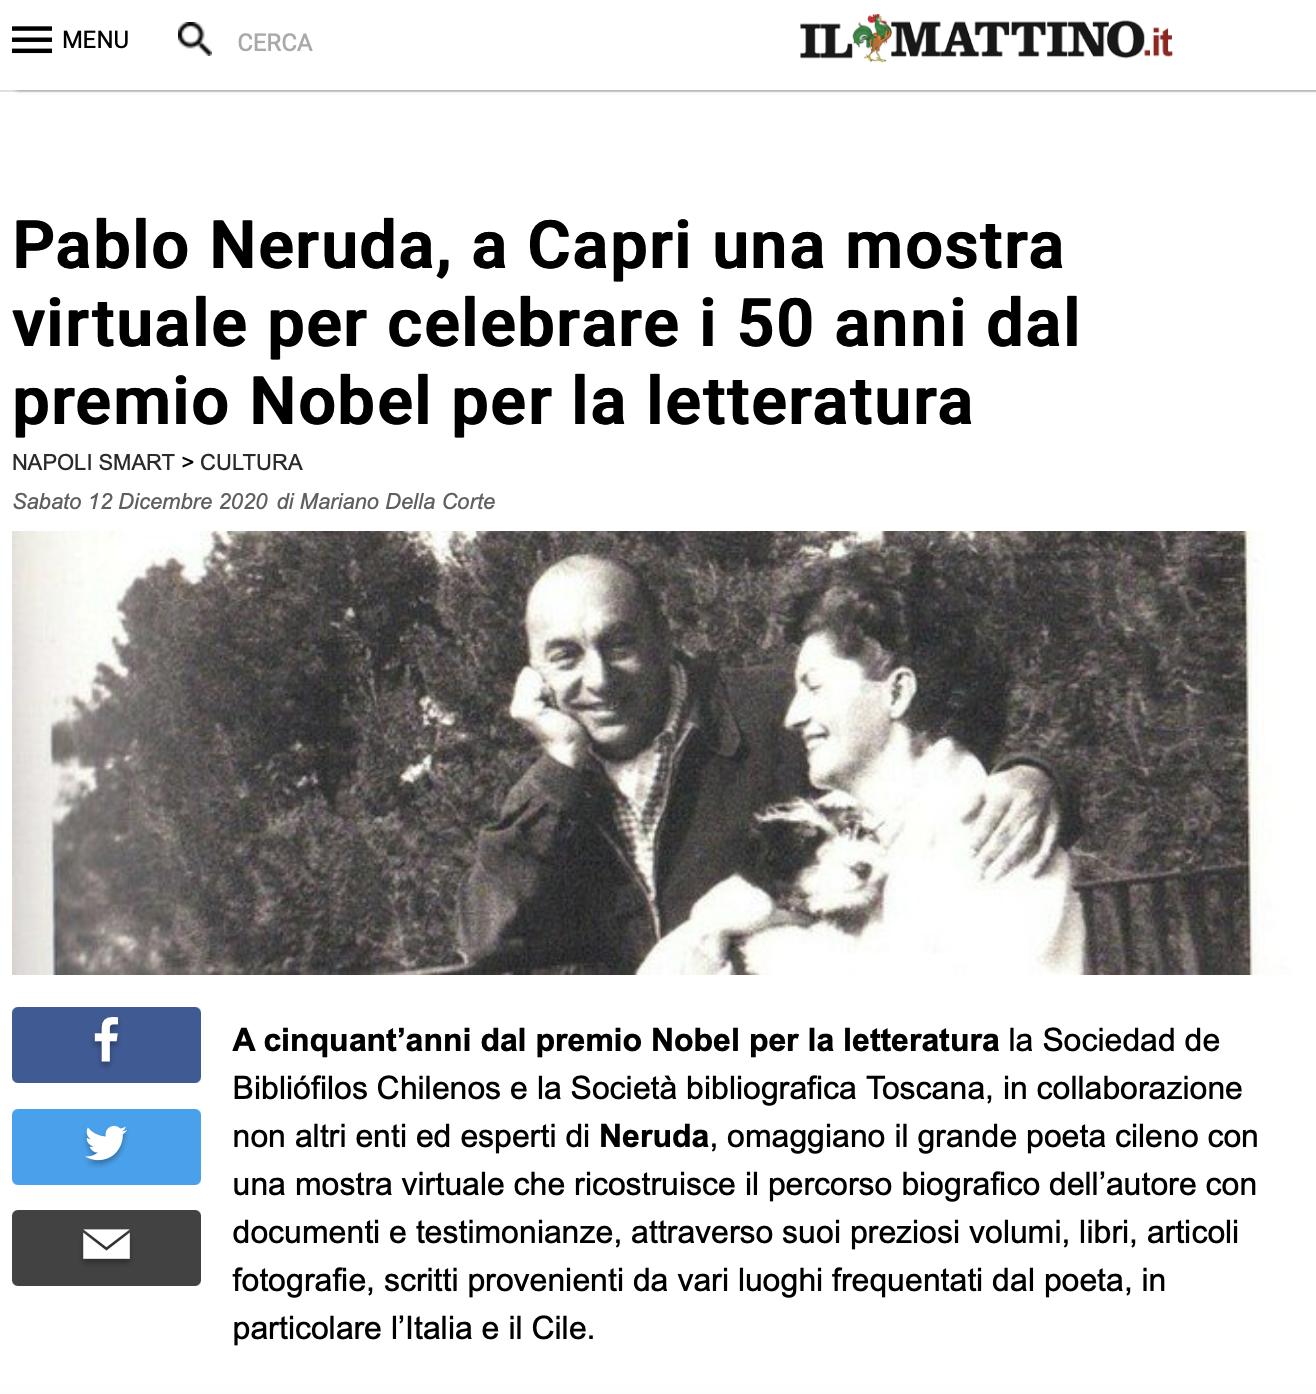 """Articolo su """"Il Mattino"""" dedicato ad Adelino Di Marino per il suo lavoro per la mostra virtuale dedicata a Pablo Neruda 12/12/20"""